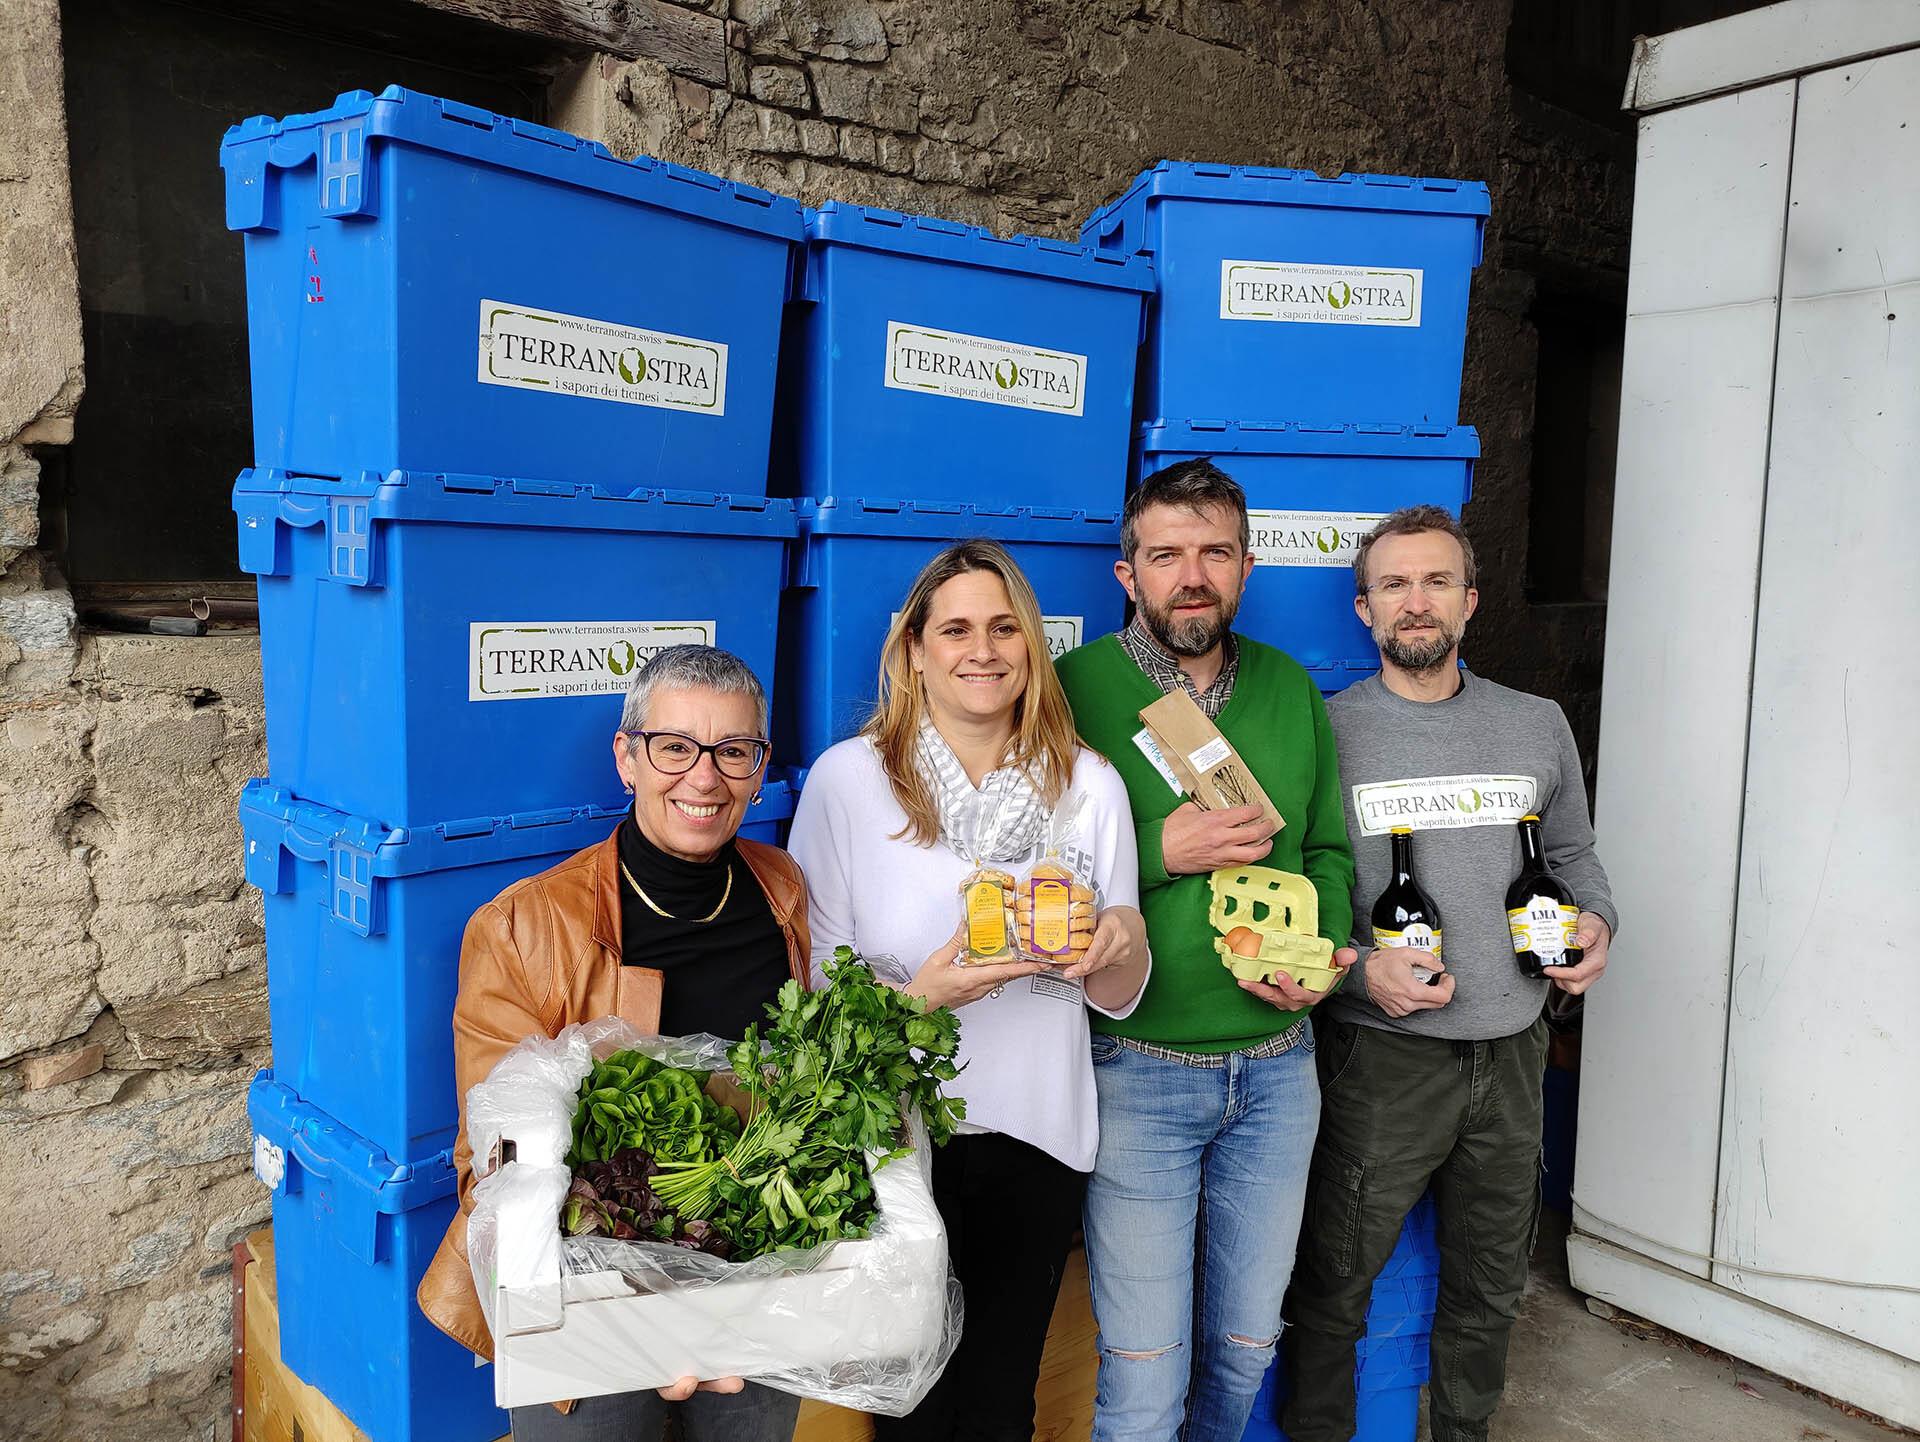 La squadra Terranostra: Cristina Masciorini, Daniela Terrani, Claudio Ghiringhelli e Gabriele Minidi